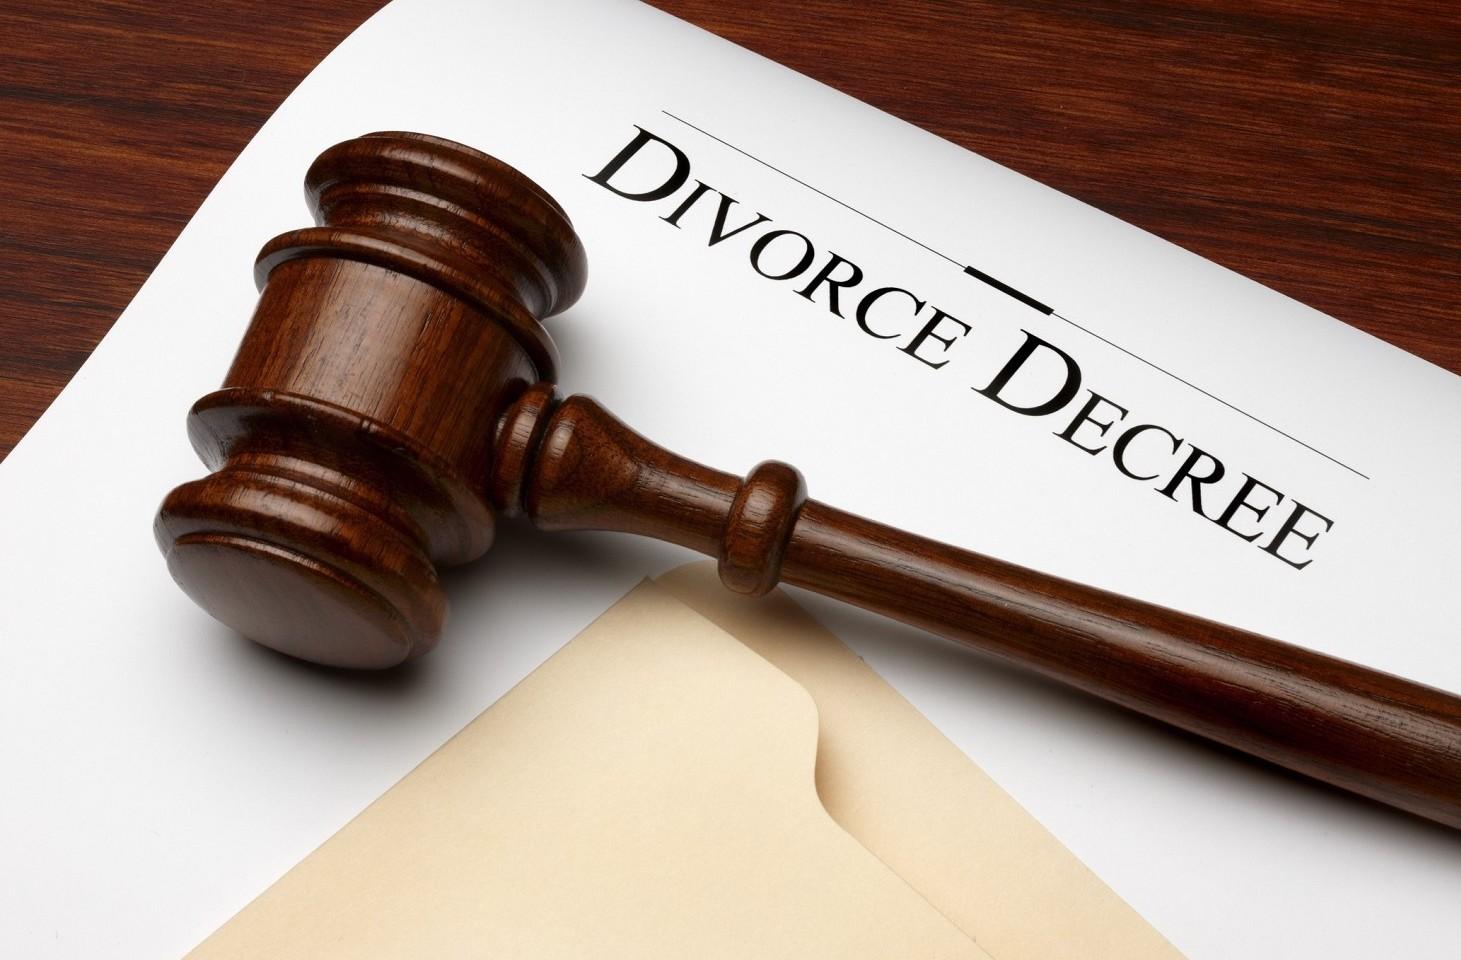 Divorzio, cosa comporta. Conseguenze rapporti, diritti e dovere moglie e marito